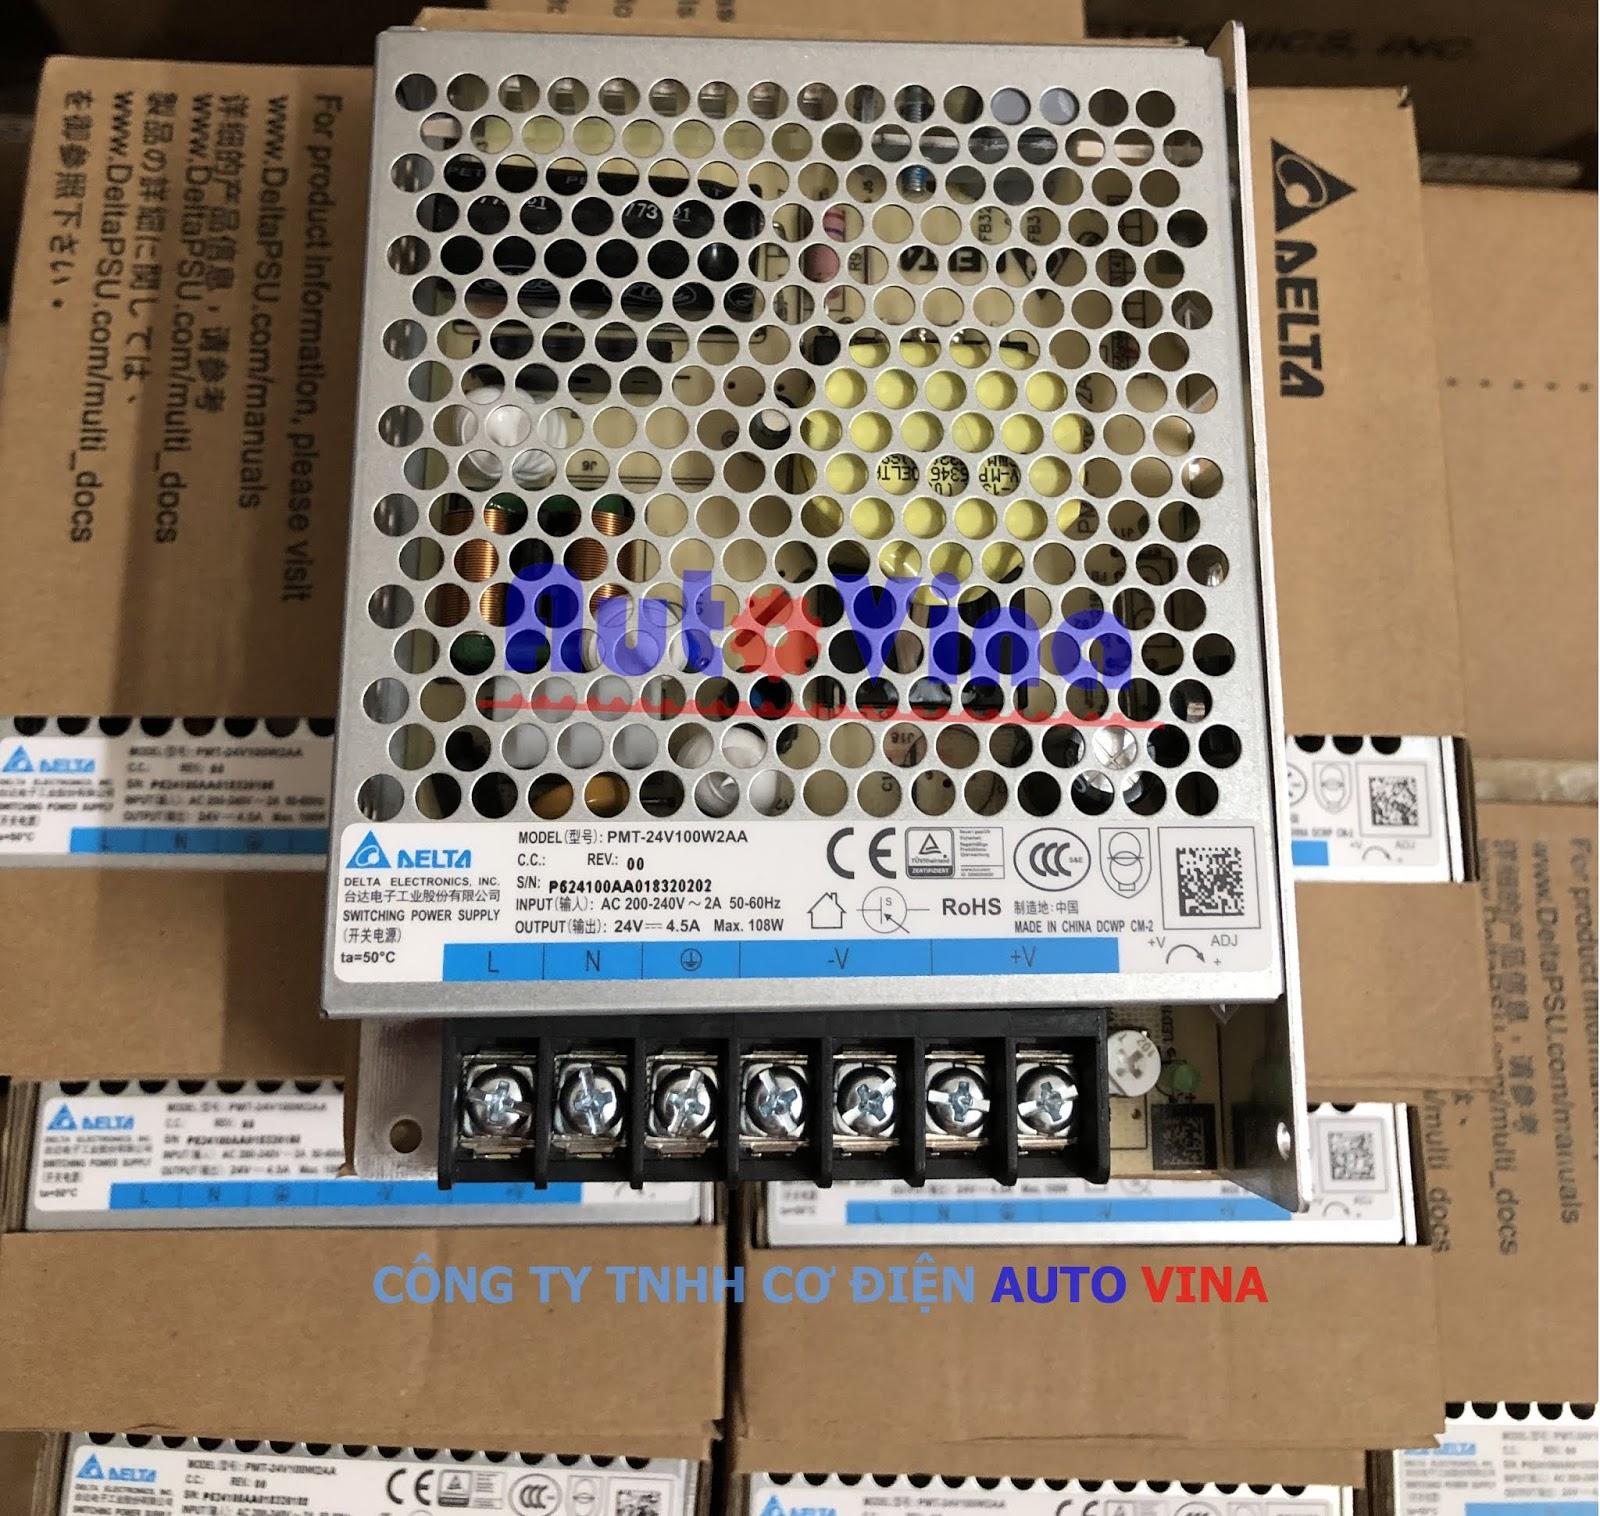 Đại lý bán nguồn DC 24V hãng Delta PMT-24V100W2AA. Cung cấp nguồn dùng cho PLC Delta, chuyên lắp trong tủ điện PLC cảm biến công nghiệp